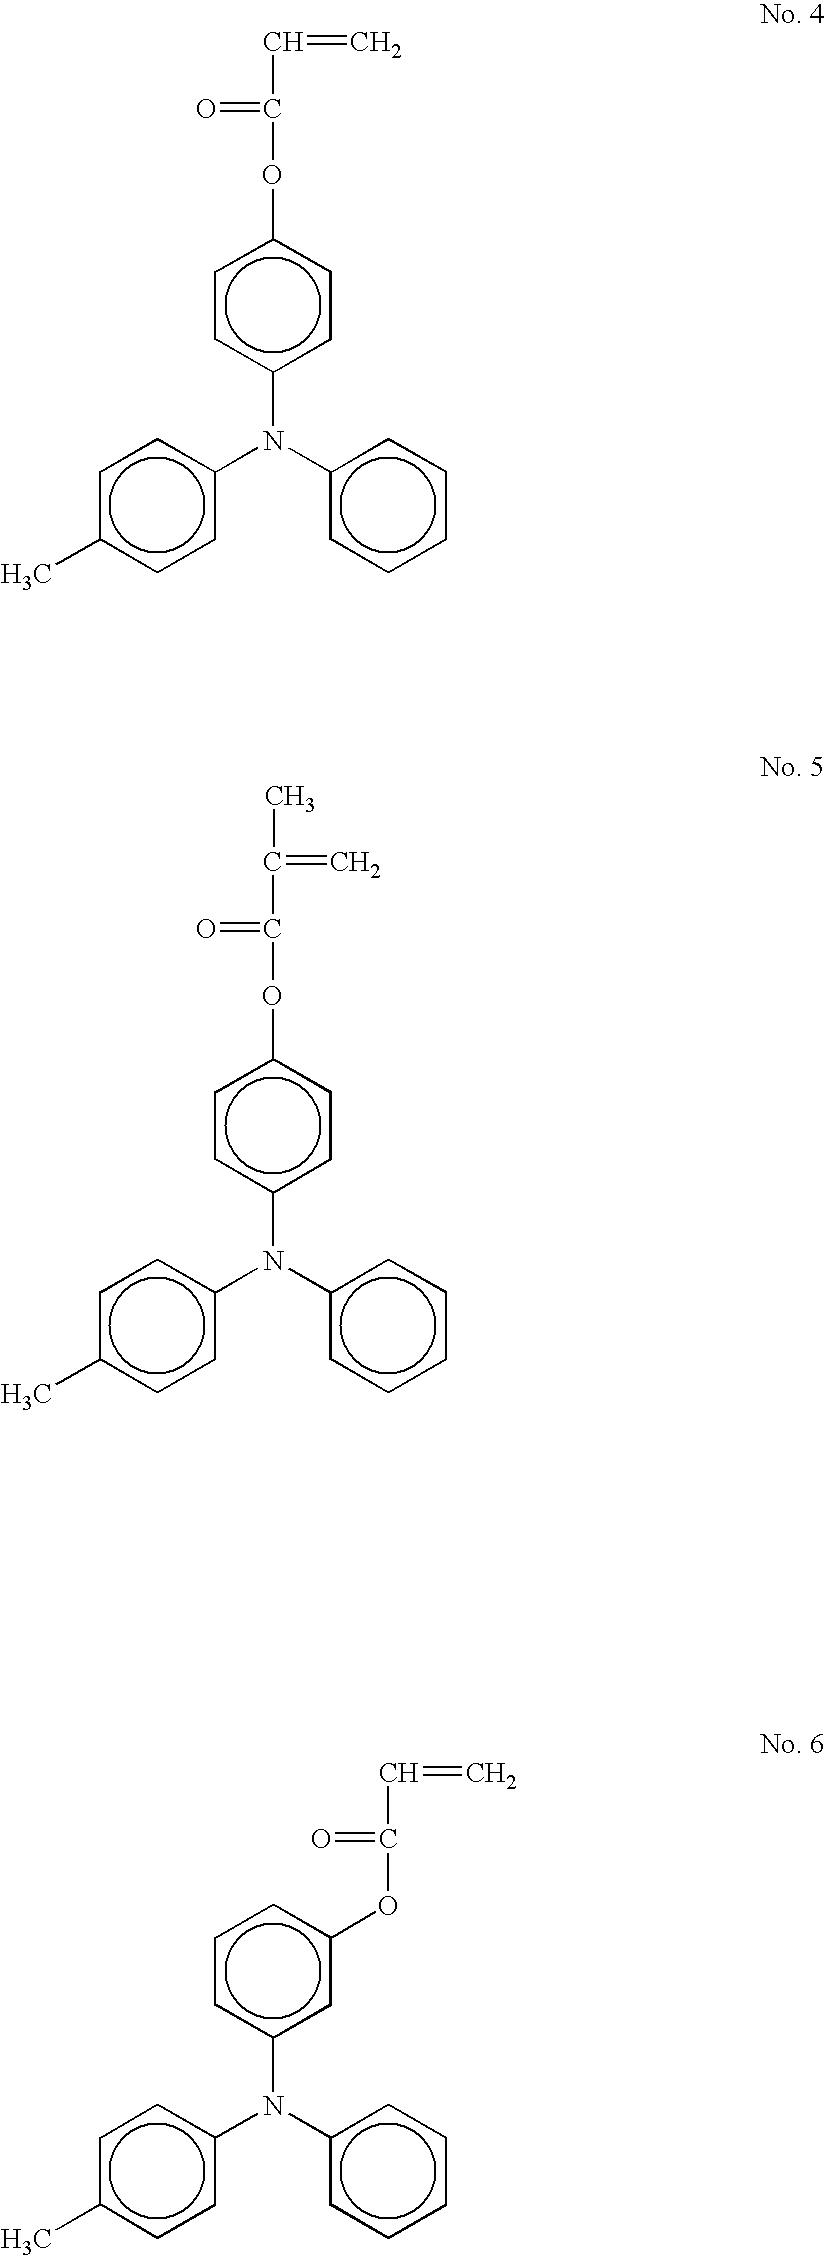 Figure US07175957-20070213-C00013